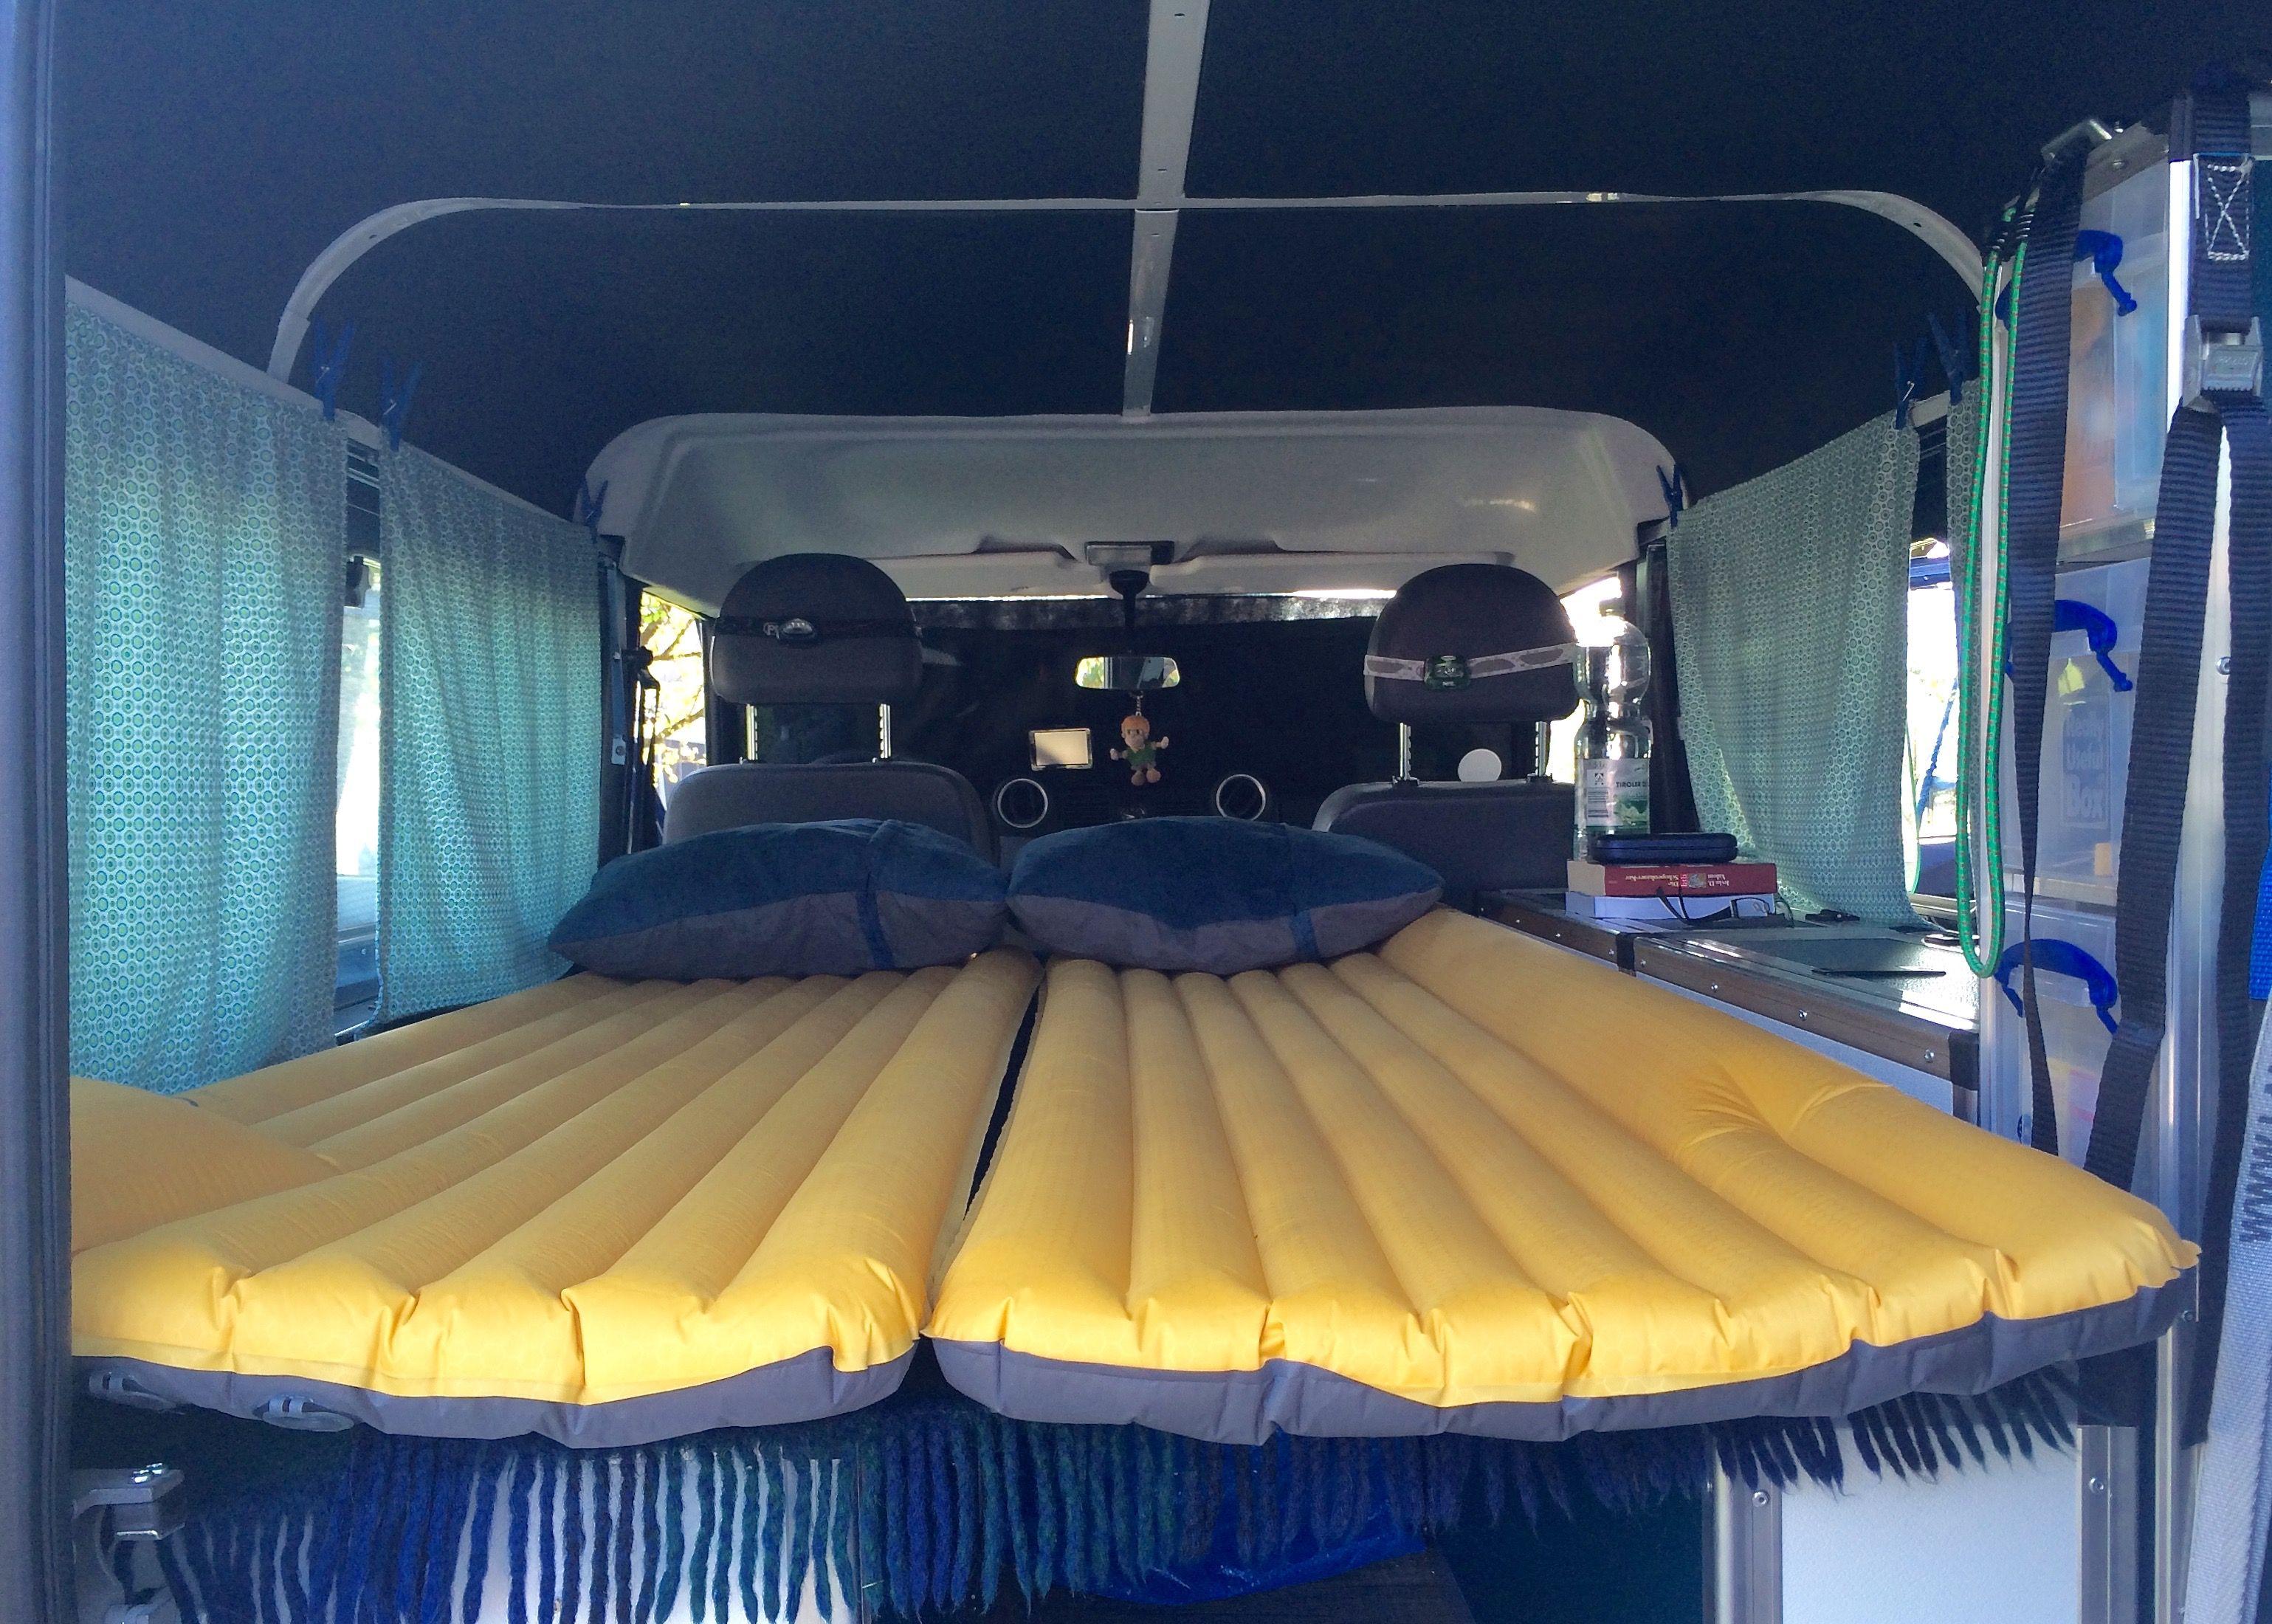 schlafen im landy luftmatratzen statt polster campervan ausbau unseres land rover defender. Black Bedroom Furniture Sets. Home Design Ideas